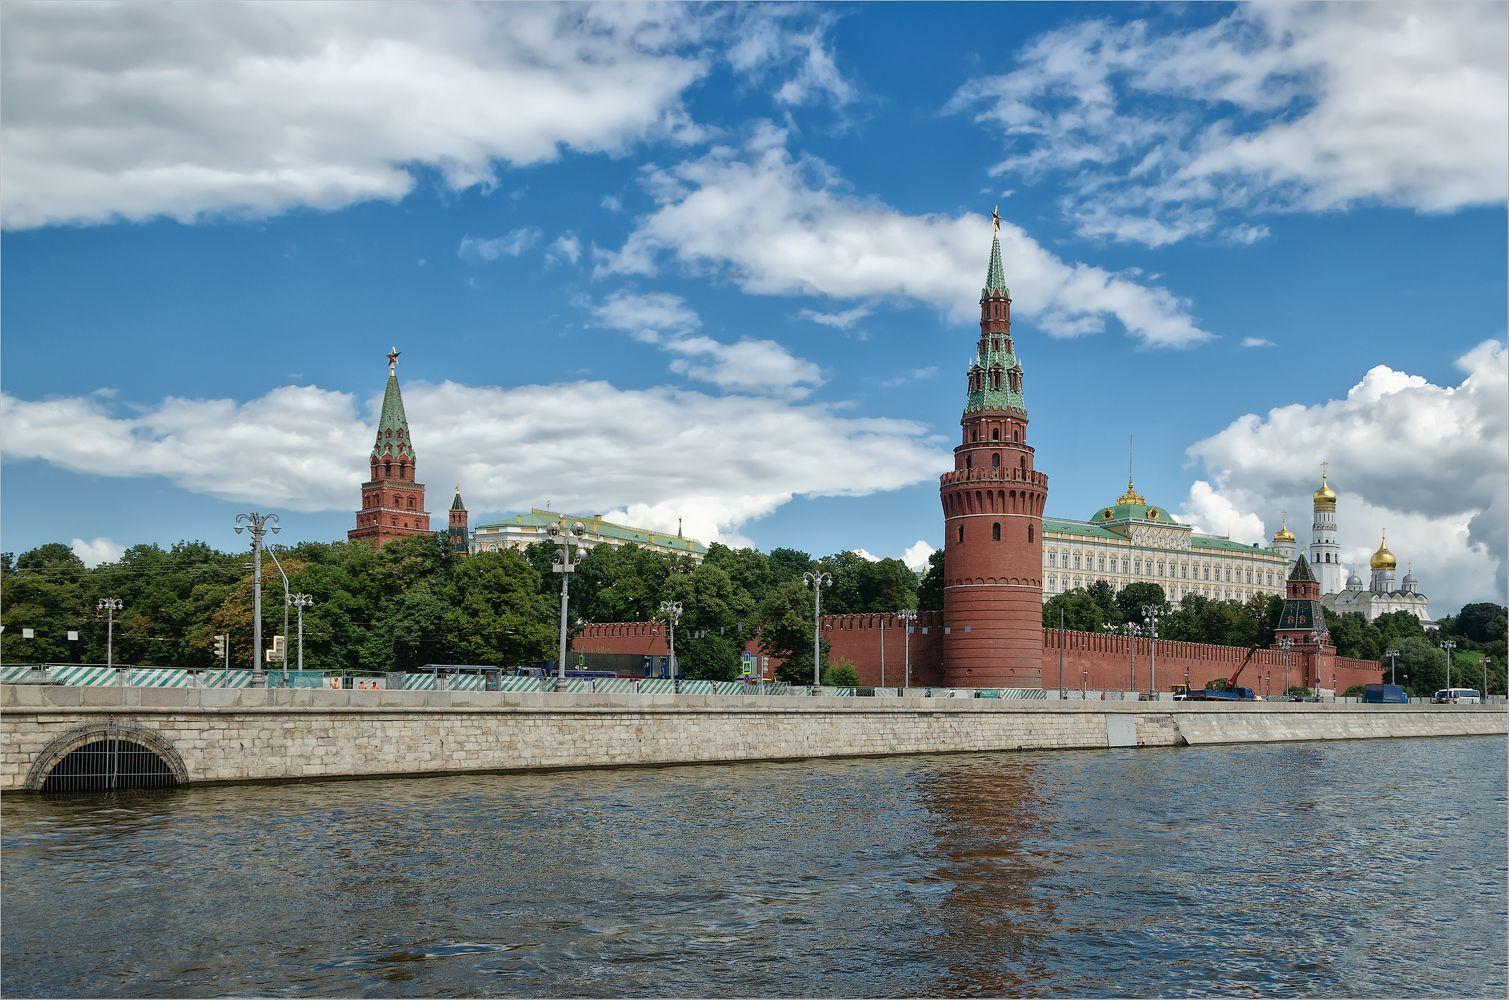 Московский Кремль. Водовозная башня город Москва архитектура Кремль Водовозная башня лето река